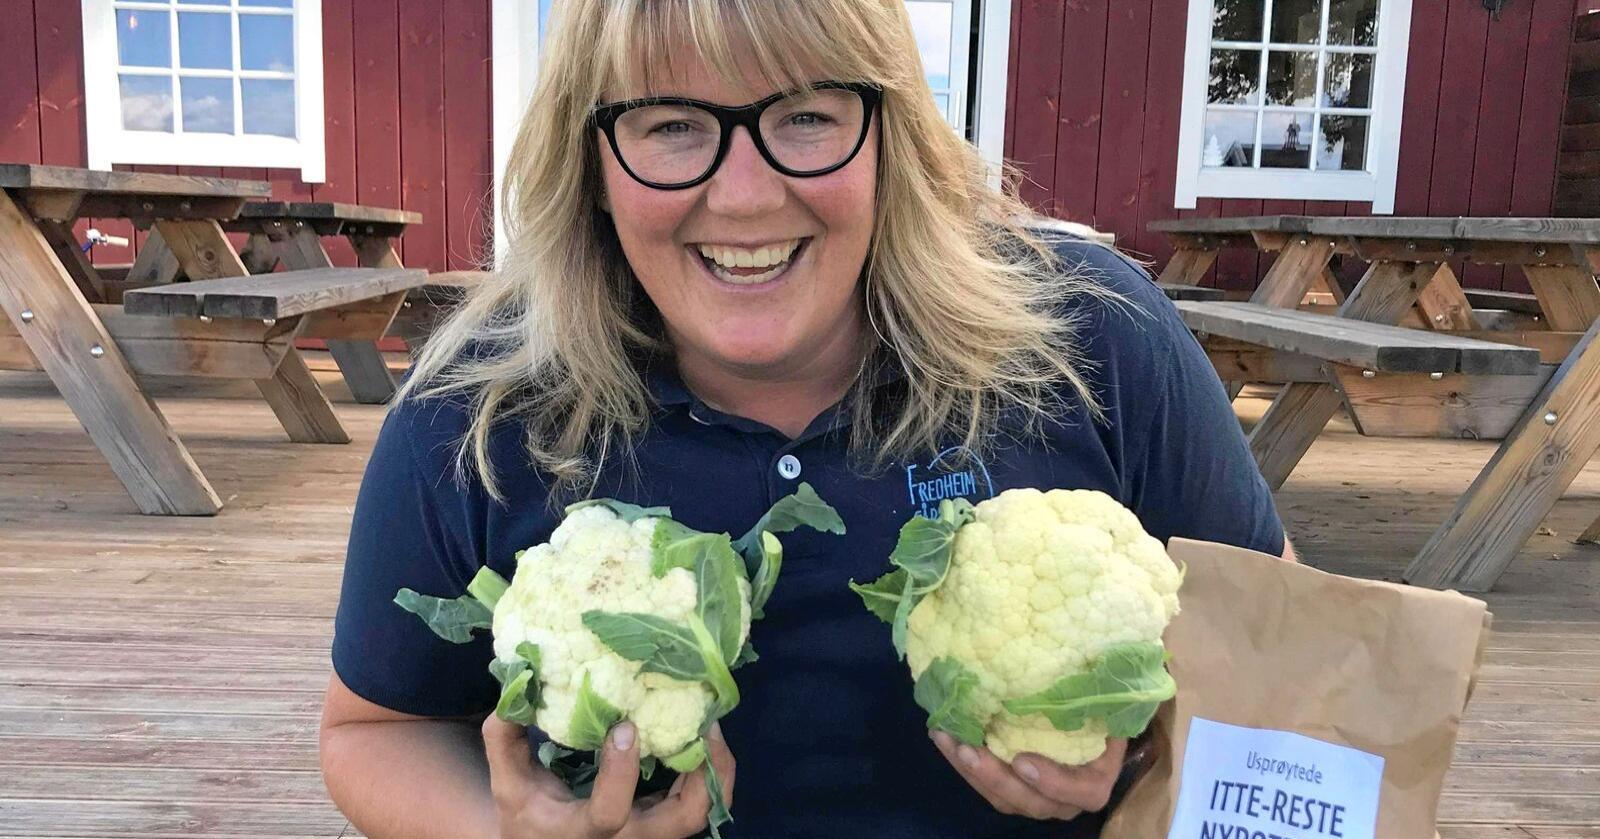 HEME: Louise Gjør driver gårdsutsalg hjemme på Fredheim. Foto: Privat